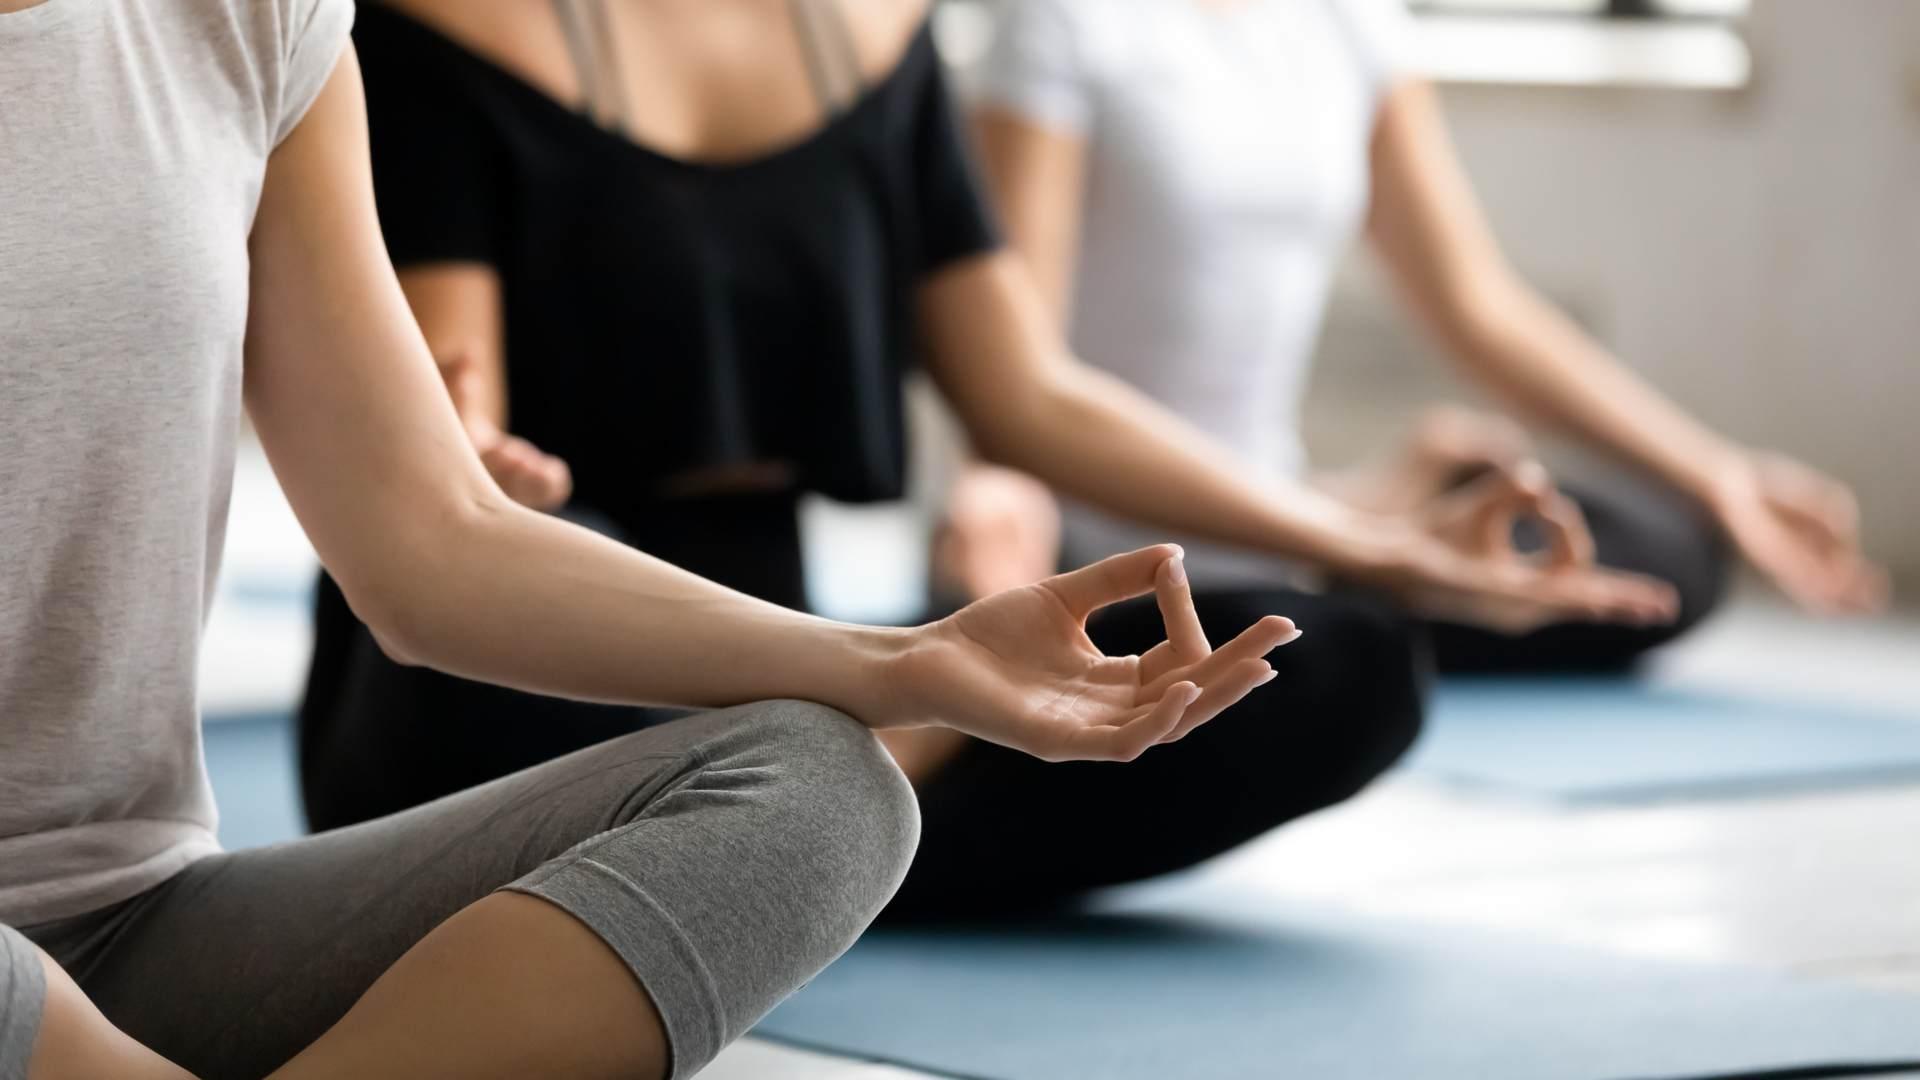 Mulheres fazendo gestos com as mãos na aula de yoga